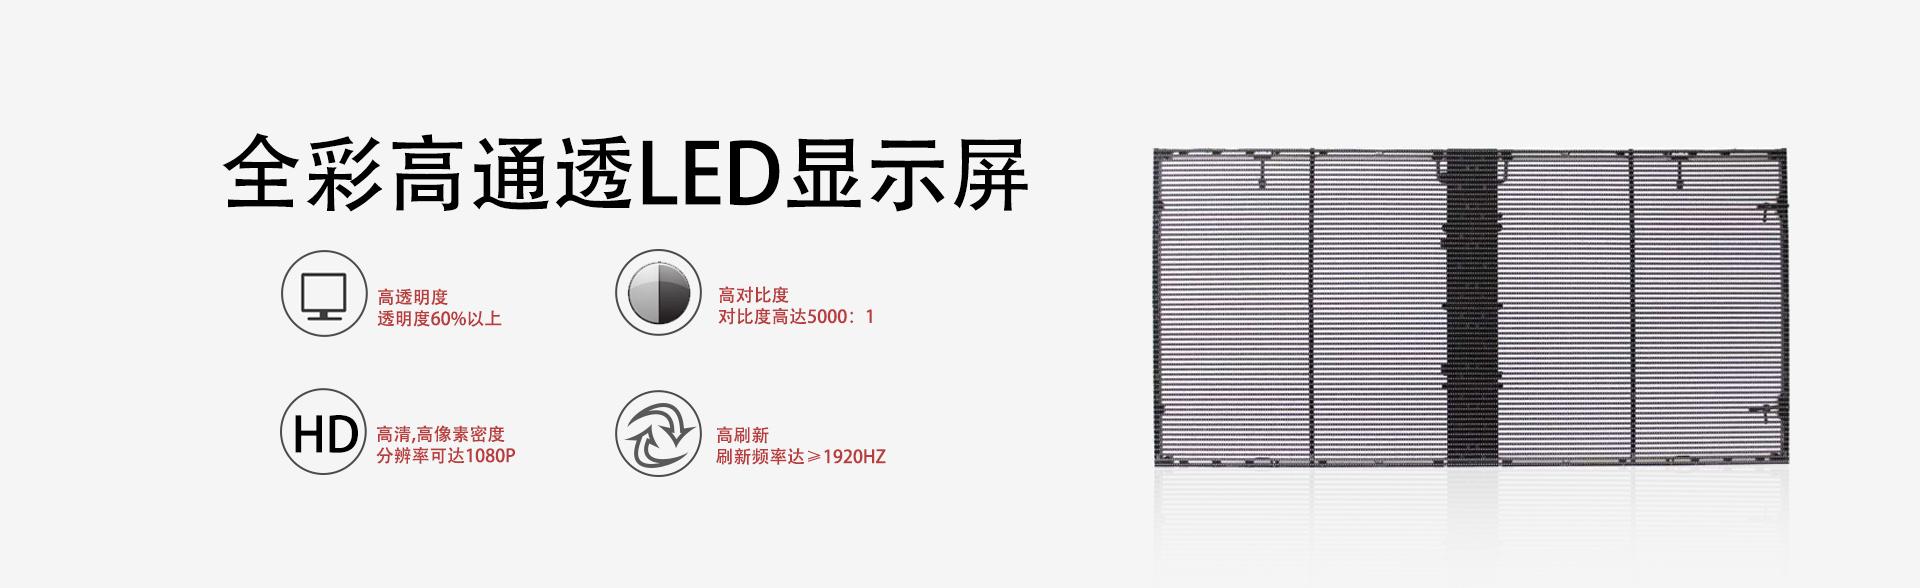 高清LED顯示屏